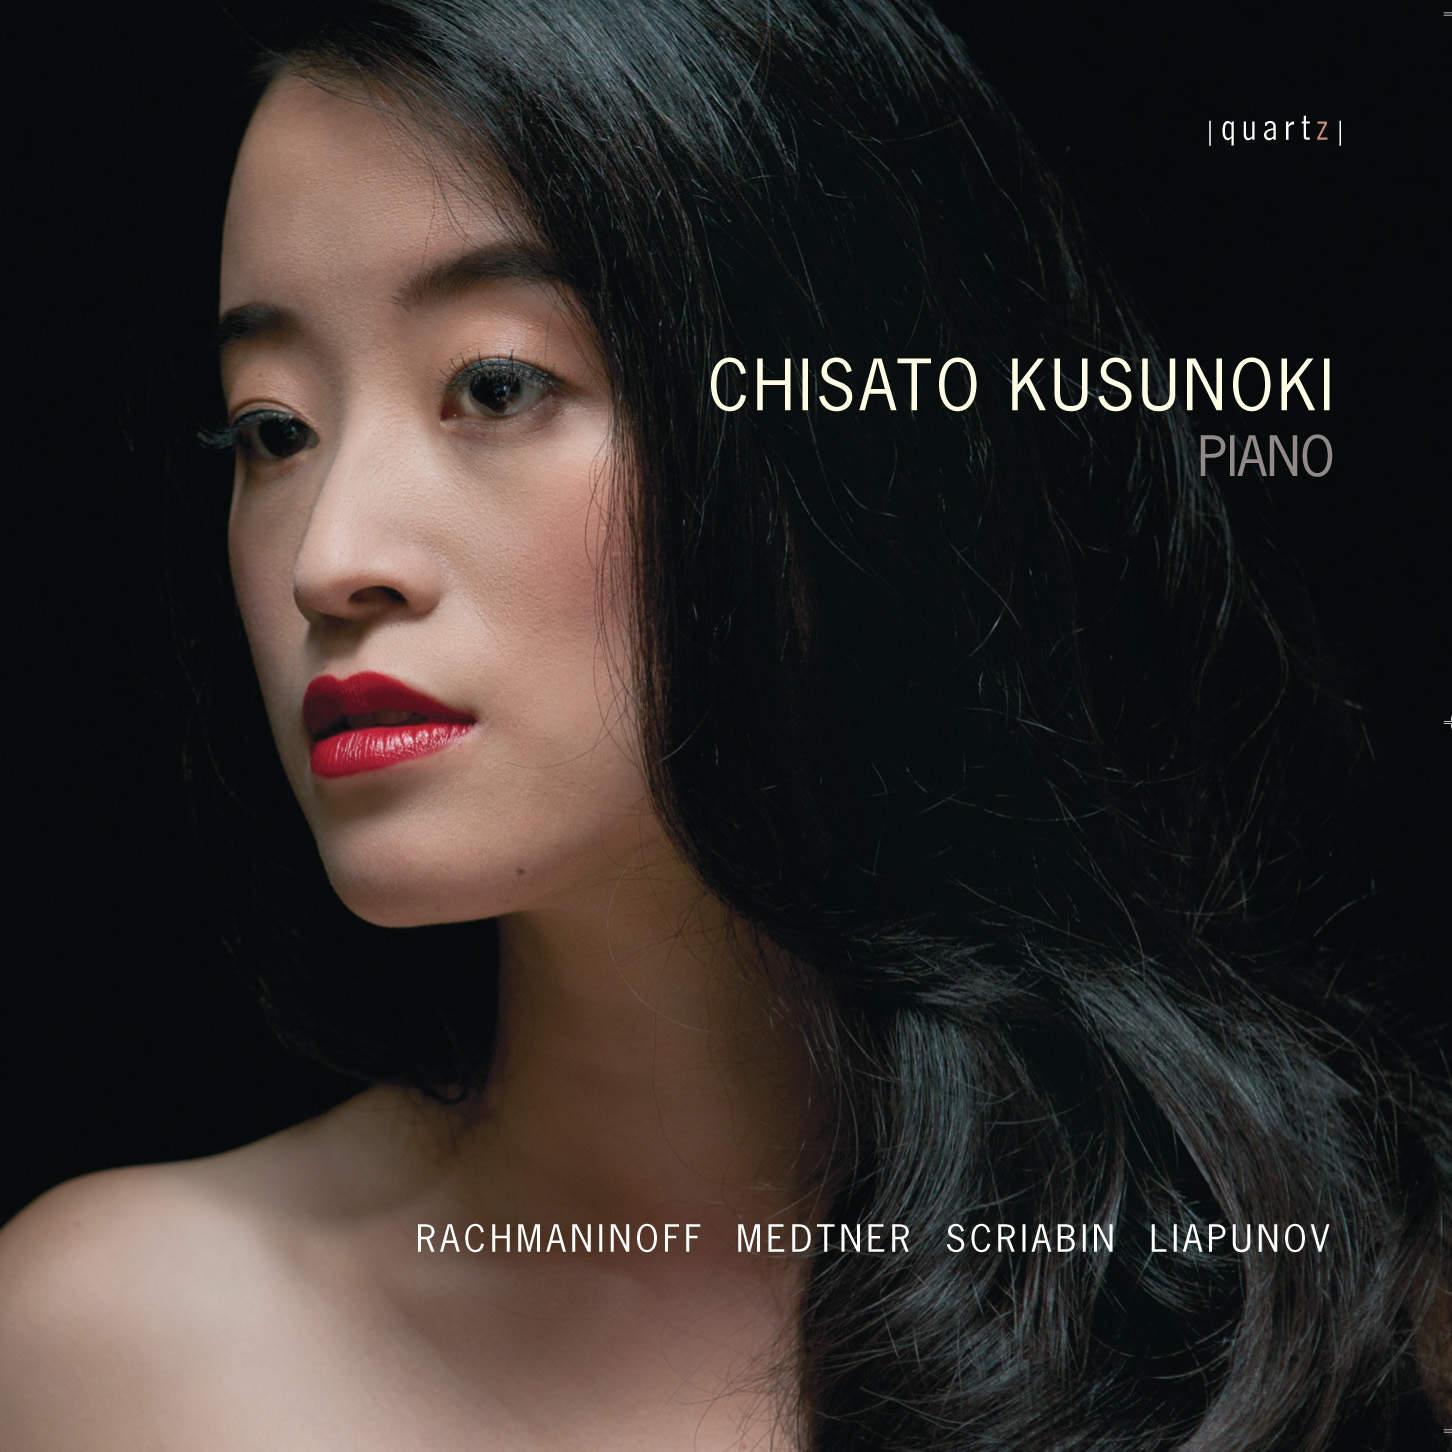 Chisato Kusunoki - piano